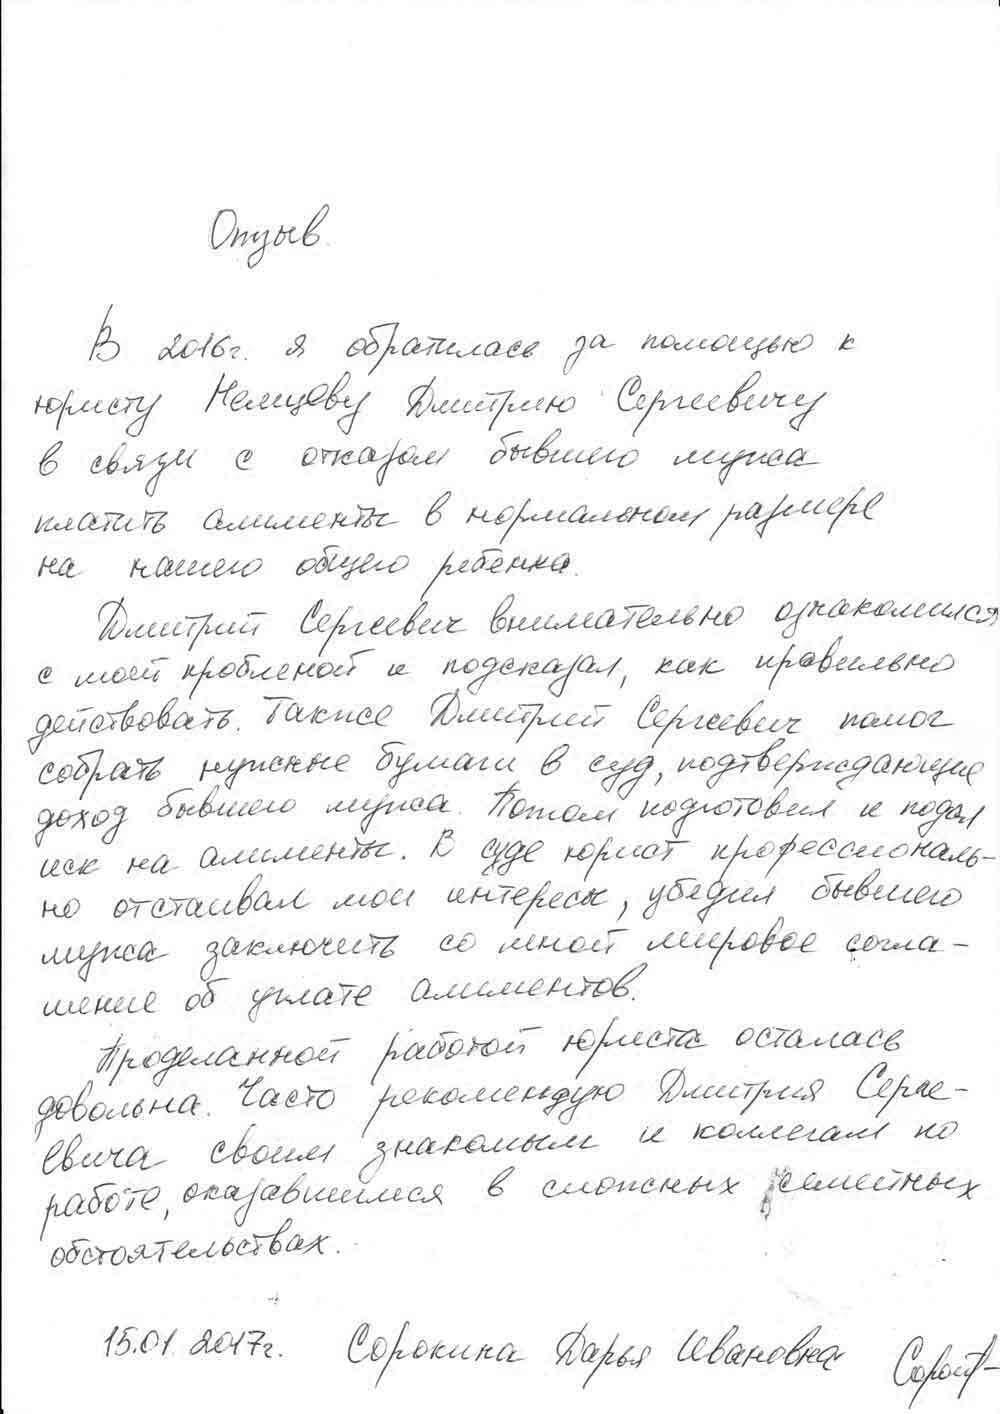 соглашение о разделе имущества екатеринбург